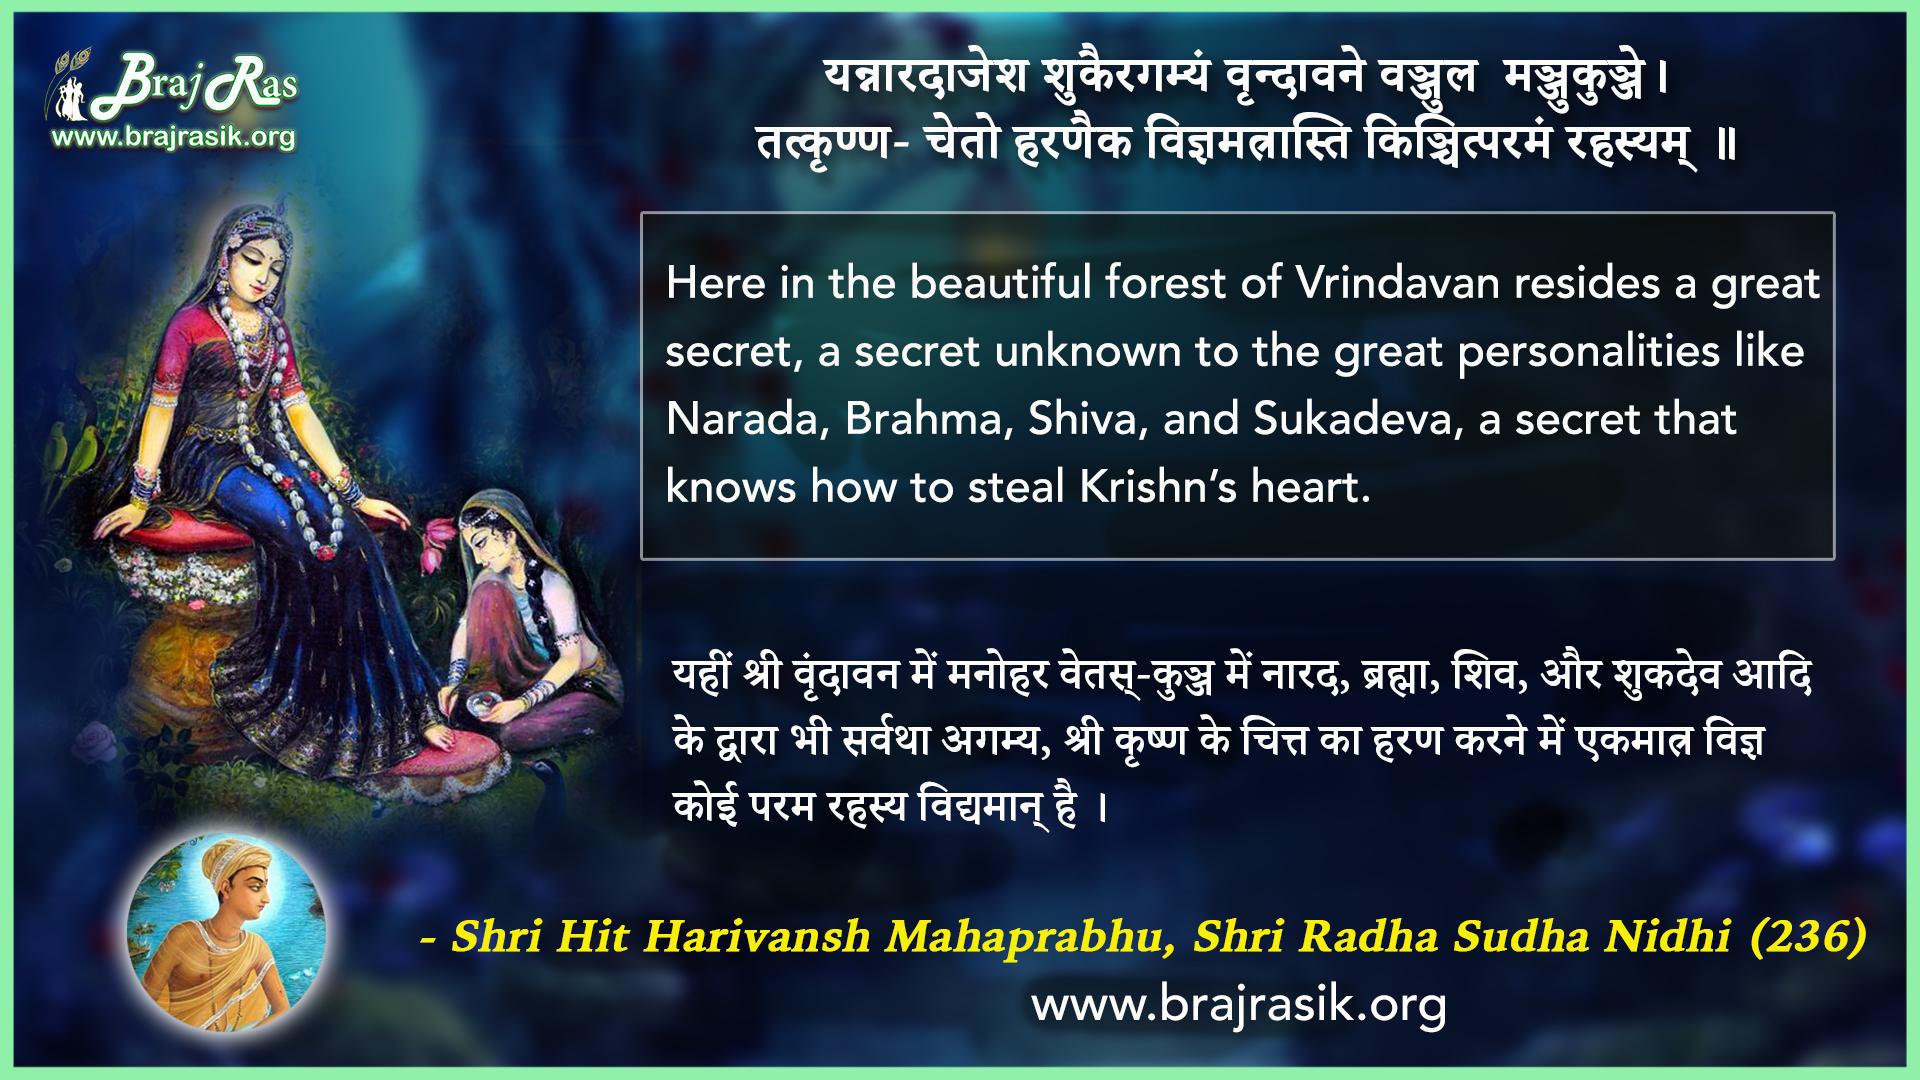 Yan Naradajesh Shukairgamyam - Shri Hit Harivansh Mahaprabhu, Shri Radha Sudha Nidhi (236)